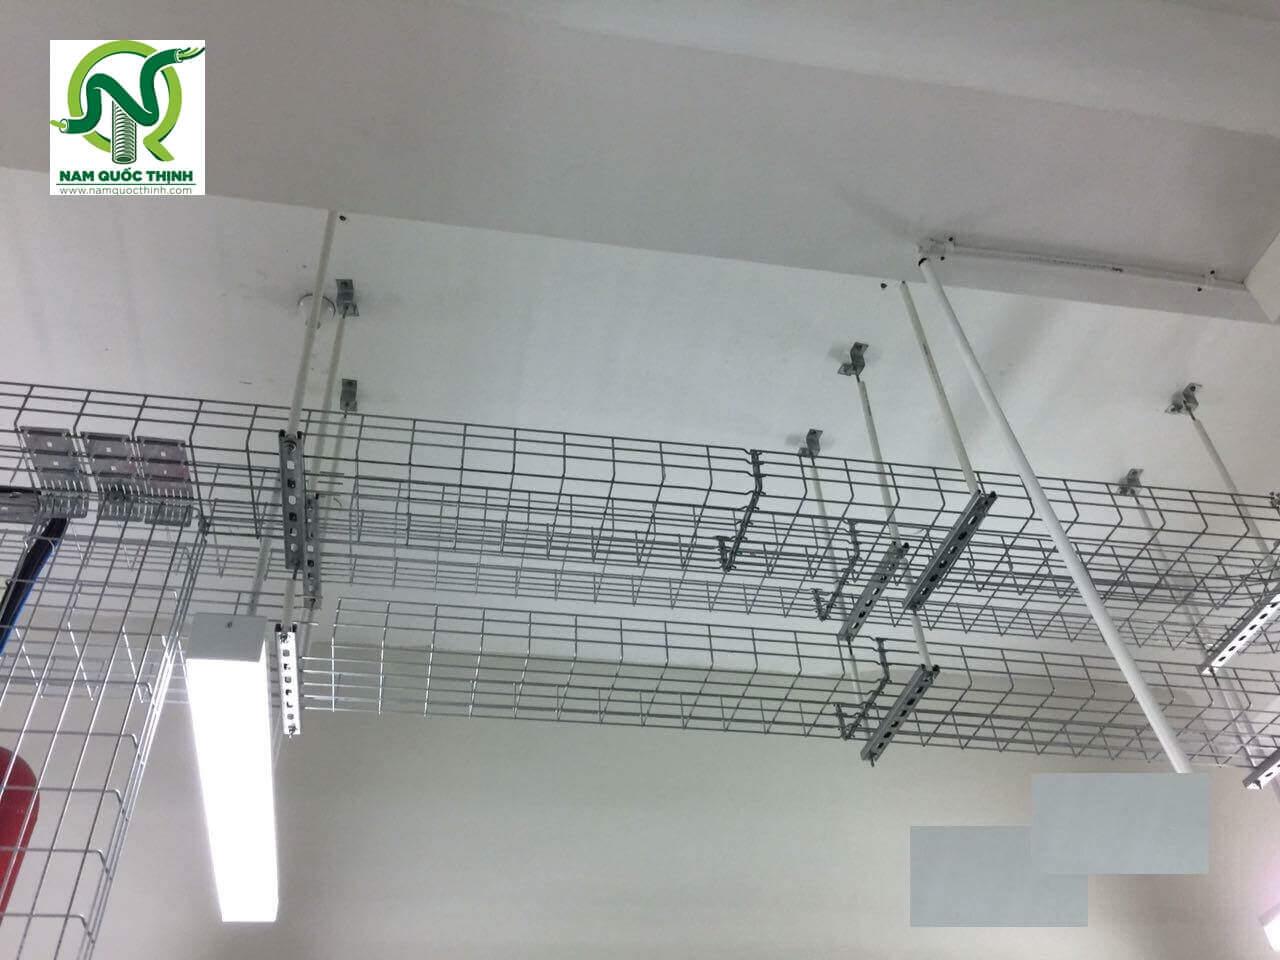 Hệ thống máng cáp dạng lưới inox 304 Nam Quốc Thịnh lắp đặt tại dự án